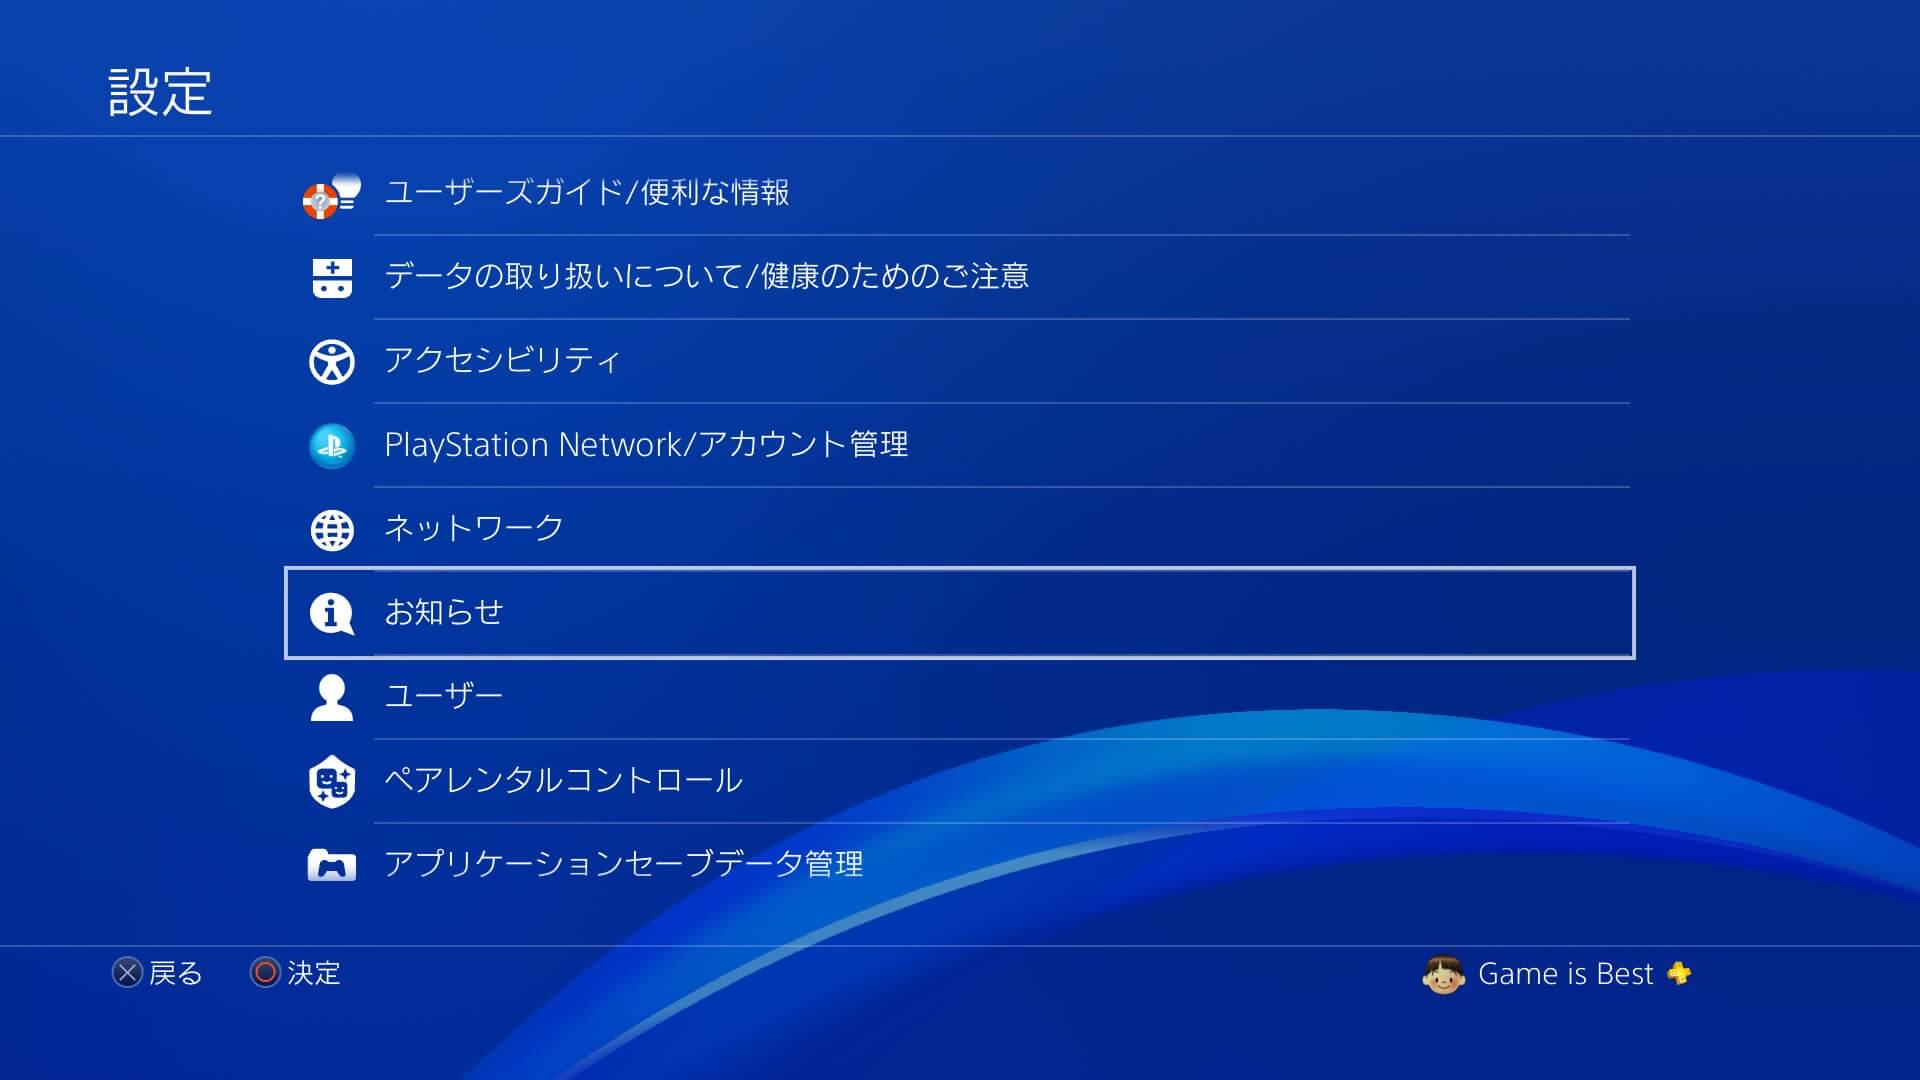 PS4お知らせ設定画面